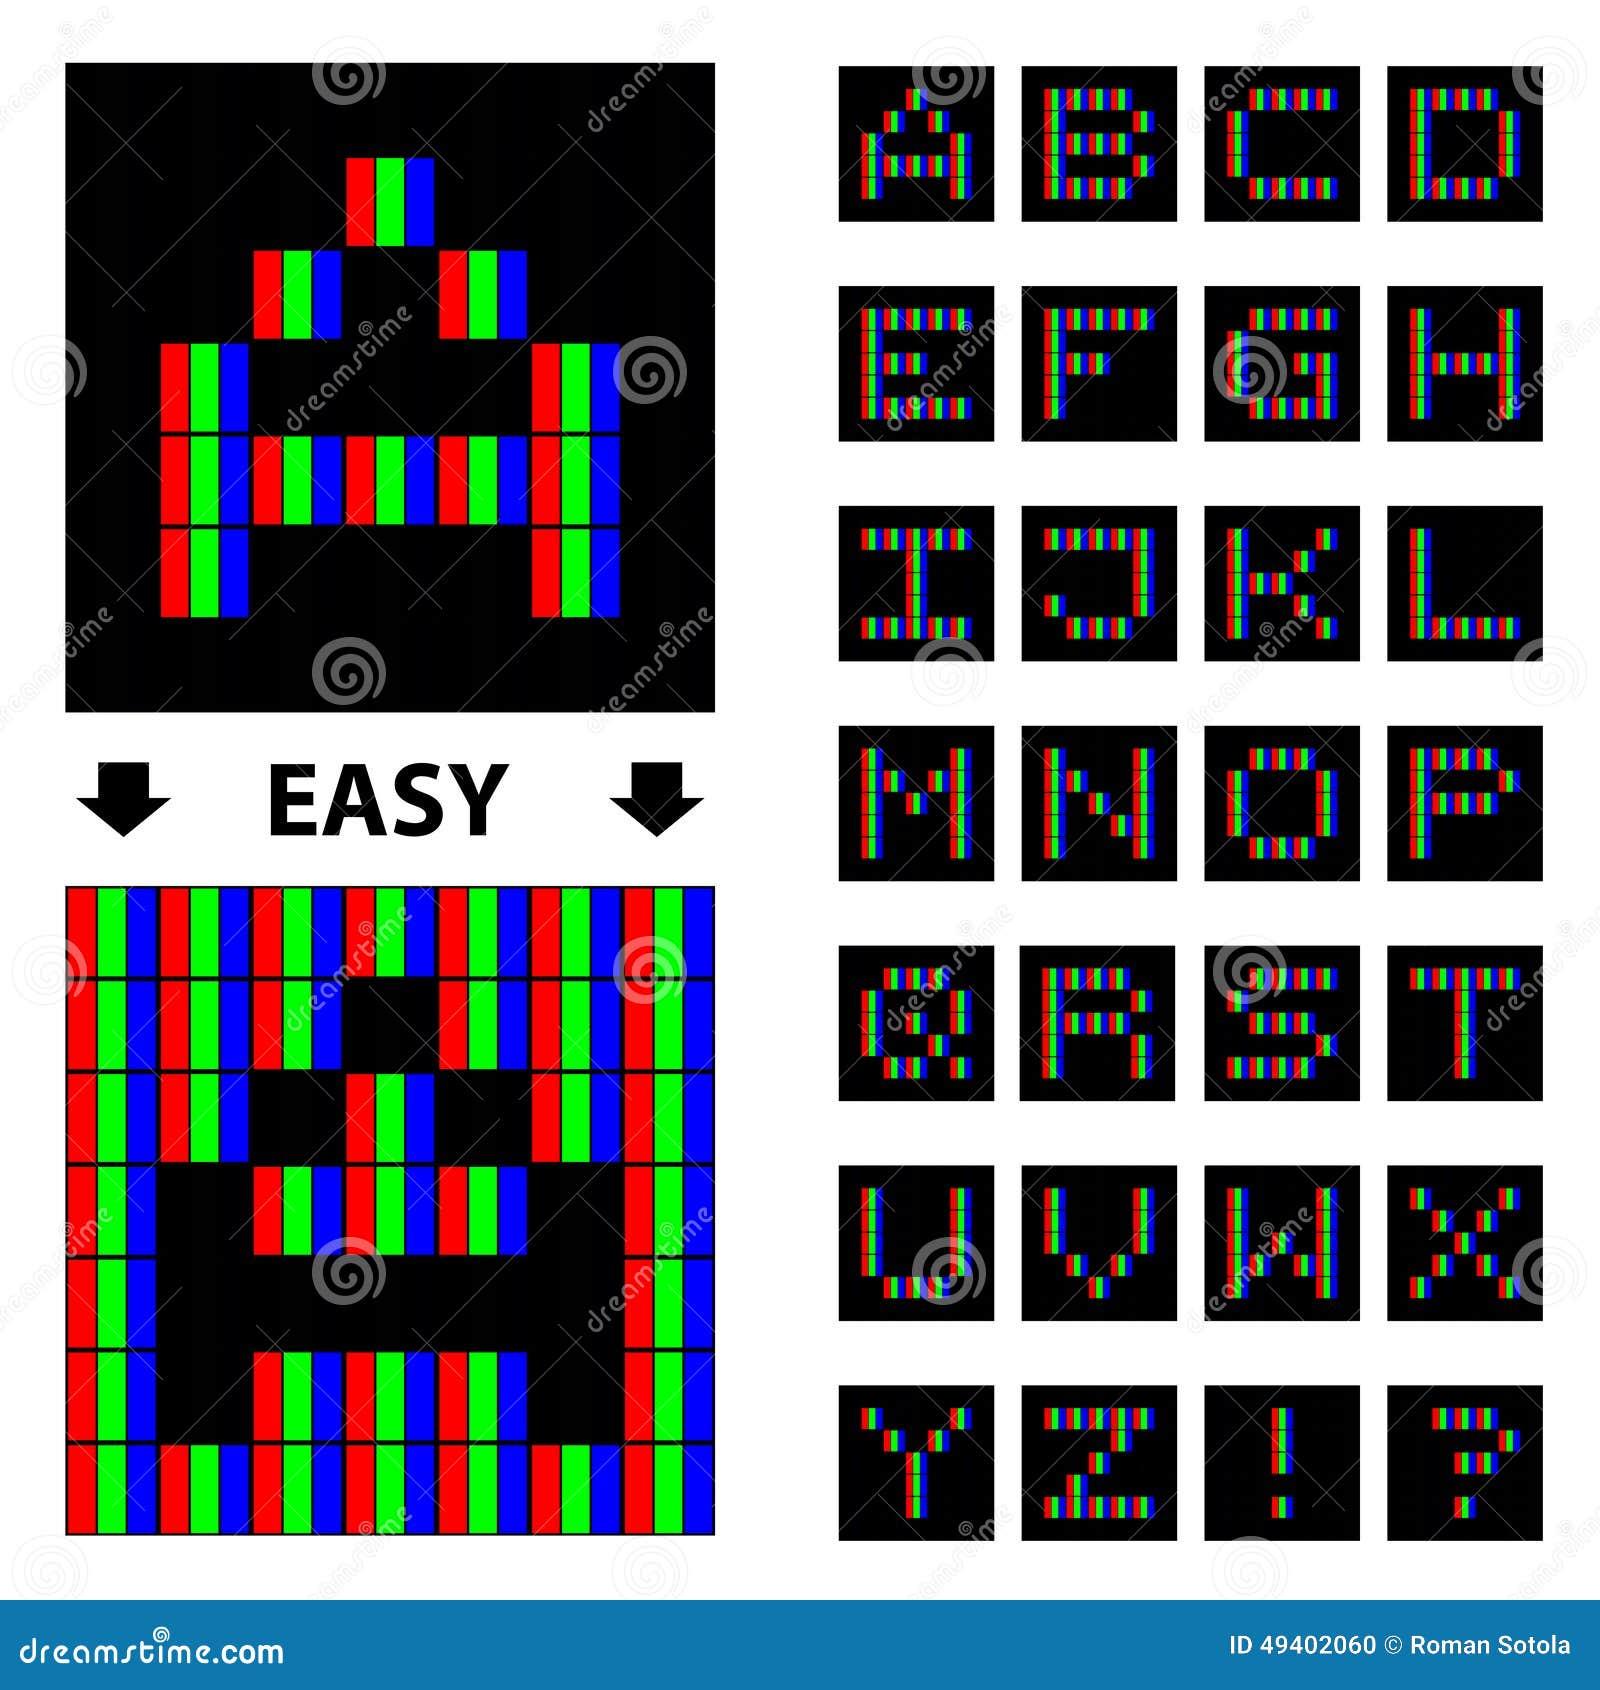 Download Rgb-Pixelgussalphabet vektor abbildung. Illustration von bildschirmanzeige - 49402060